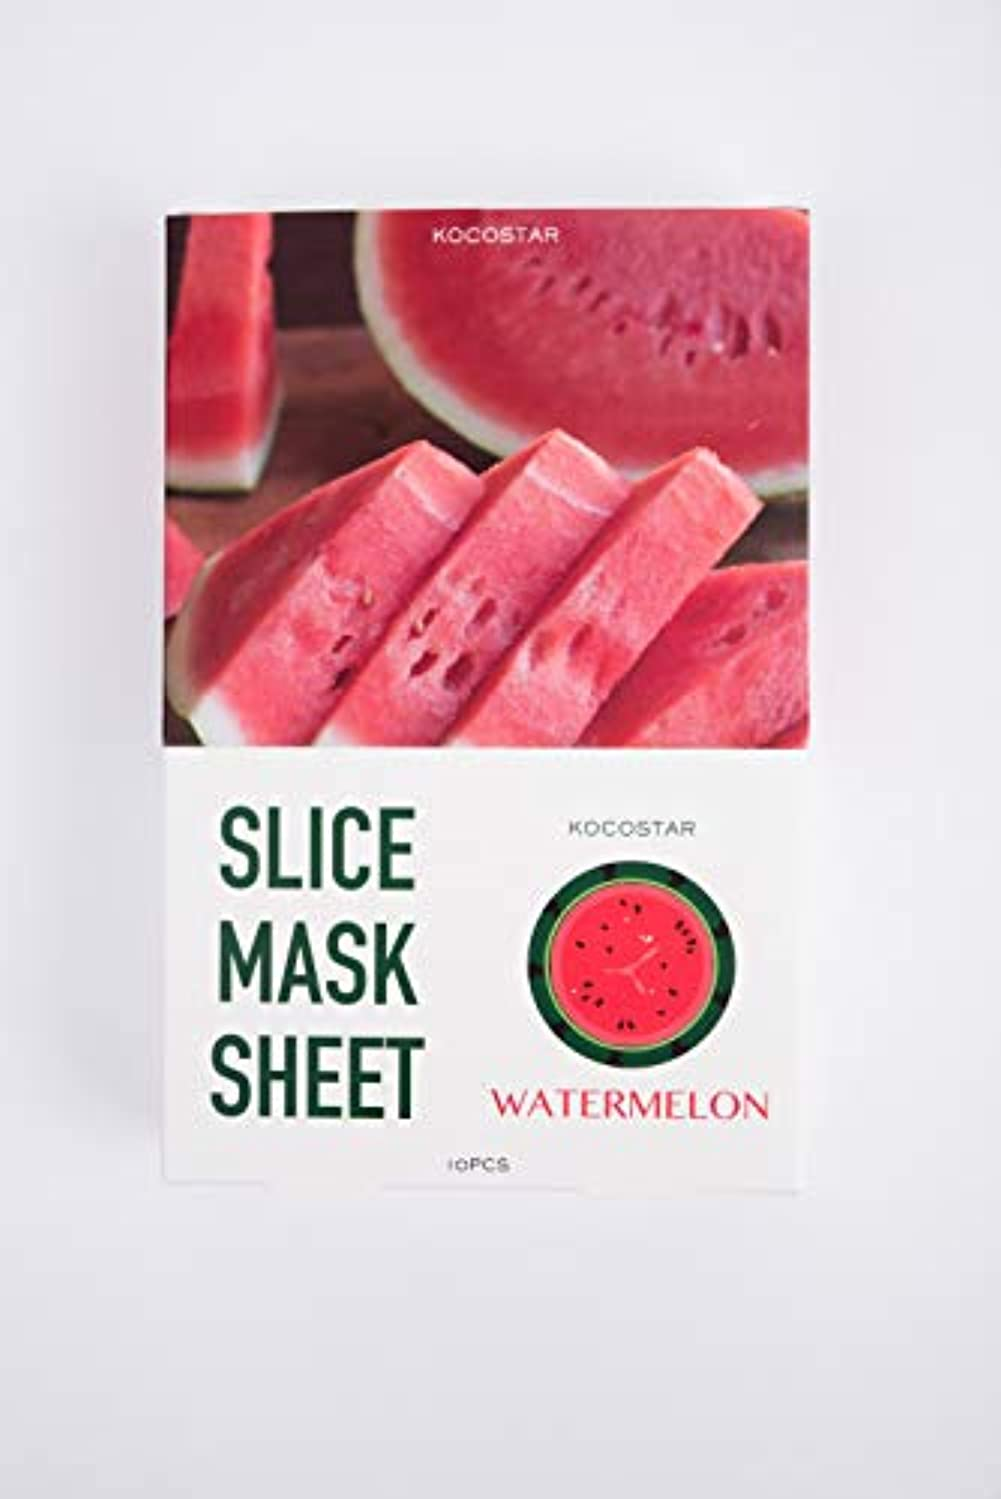 乗り出す起こりやすい試してみるKOCOSTAR Slice Mask Sheet - Watermelon 10sheets並行輸入品